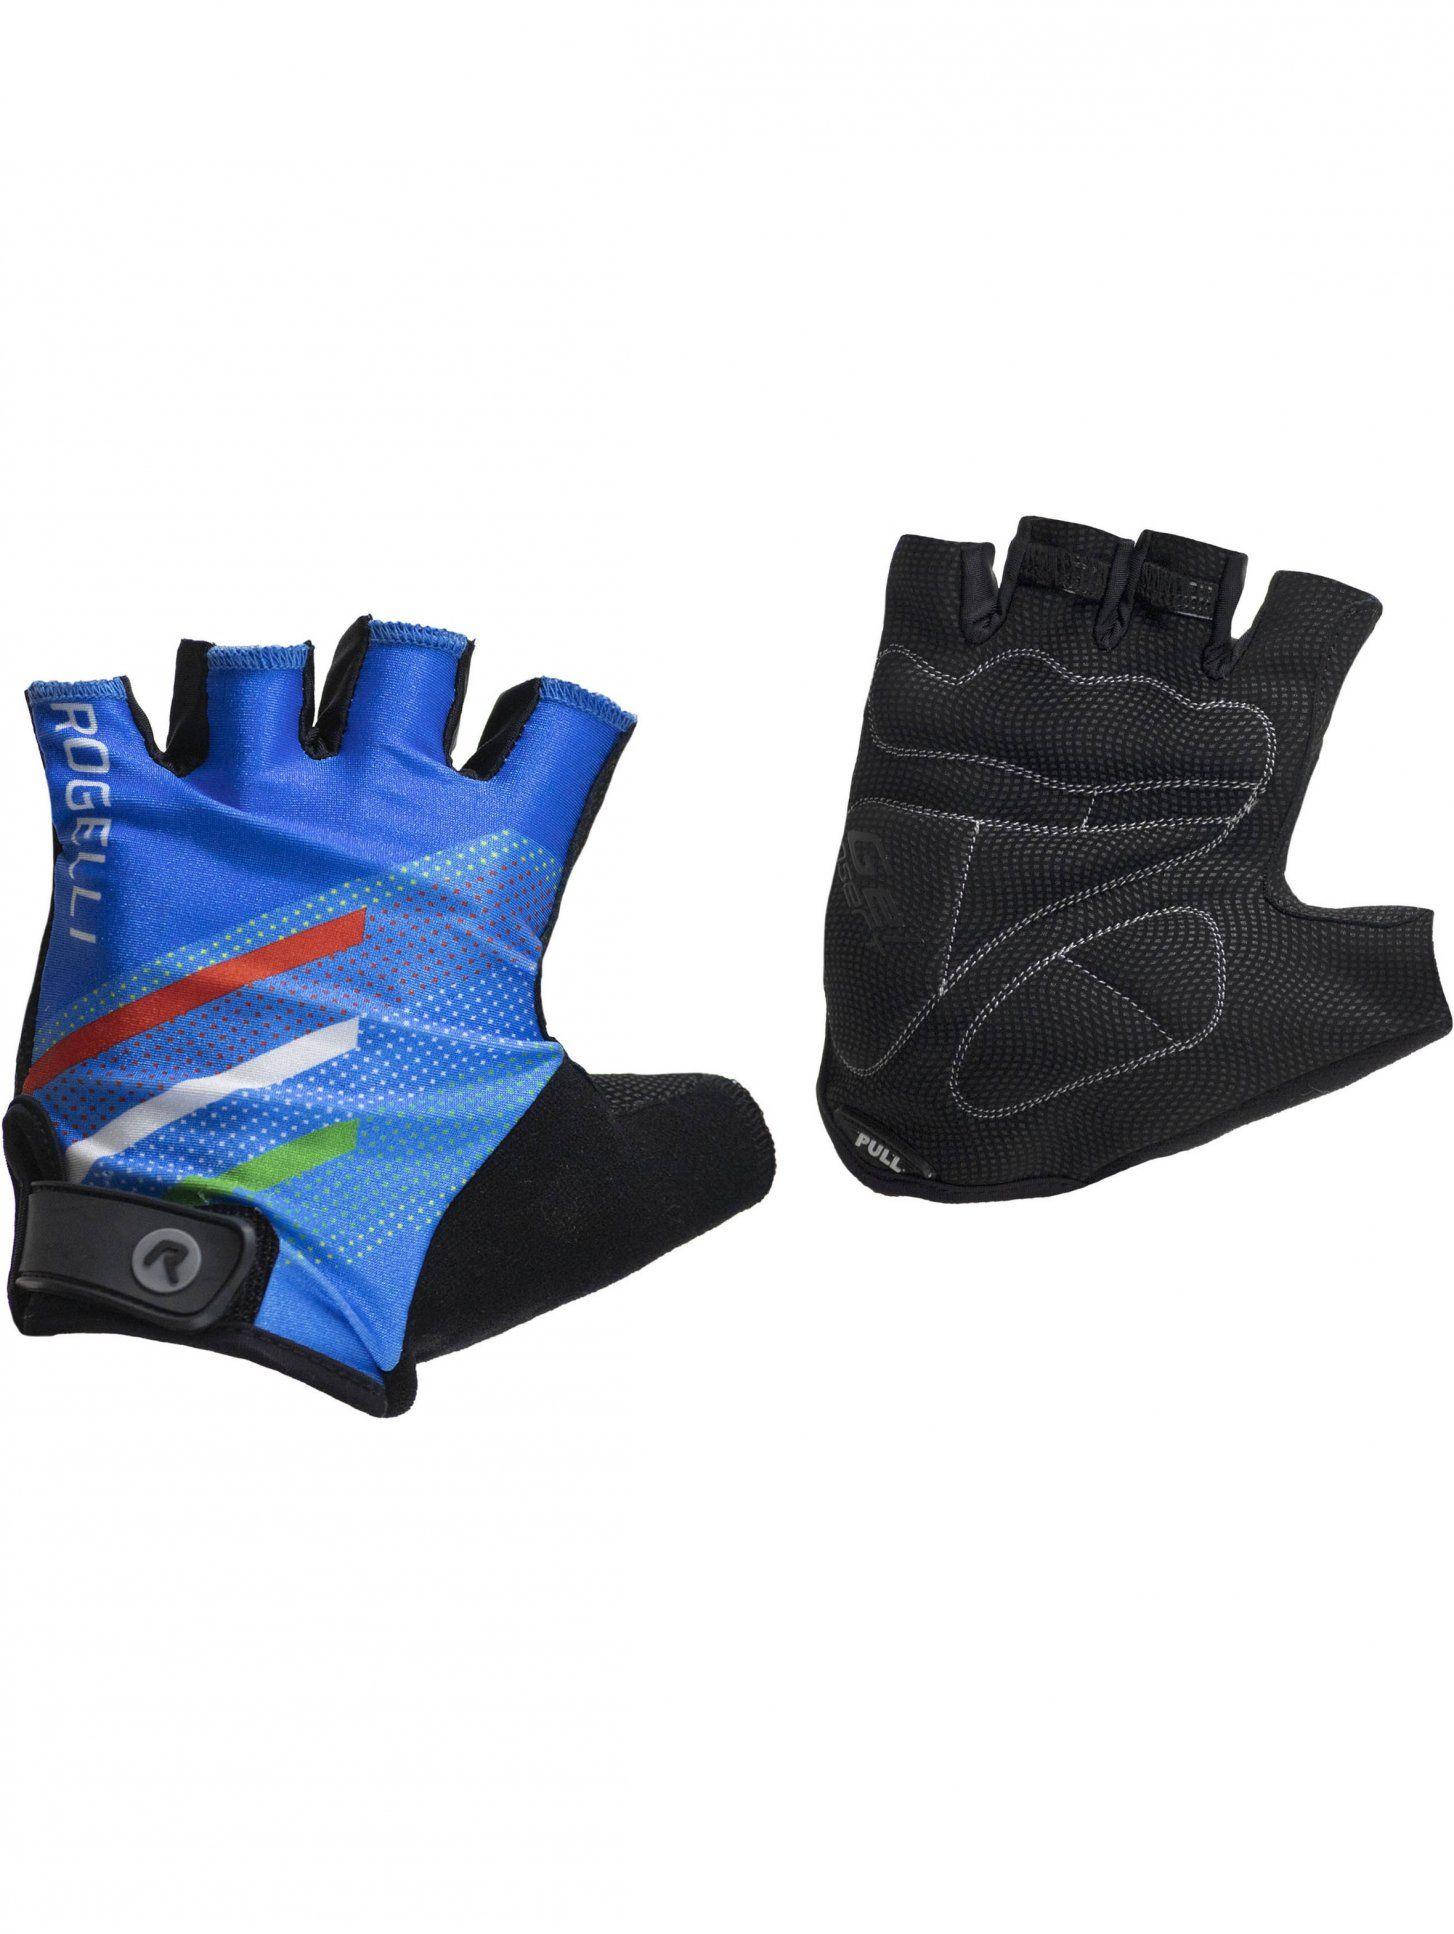 ROGELLI 006.960 TEAM 2.0 rękawiczki rowerowe niebieskie Rozmiar: L,006.960blue